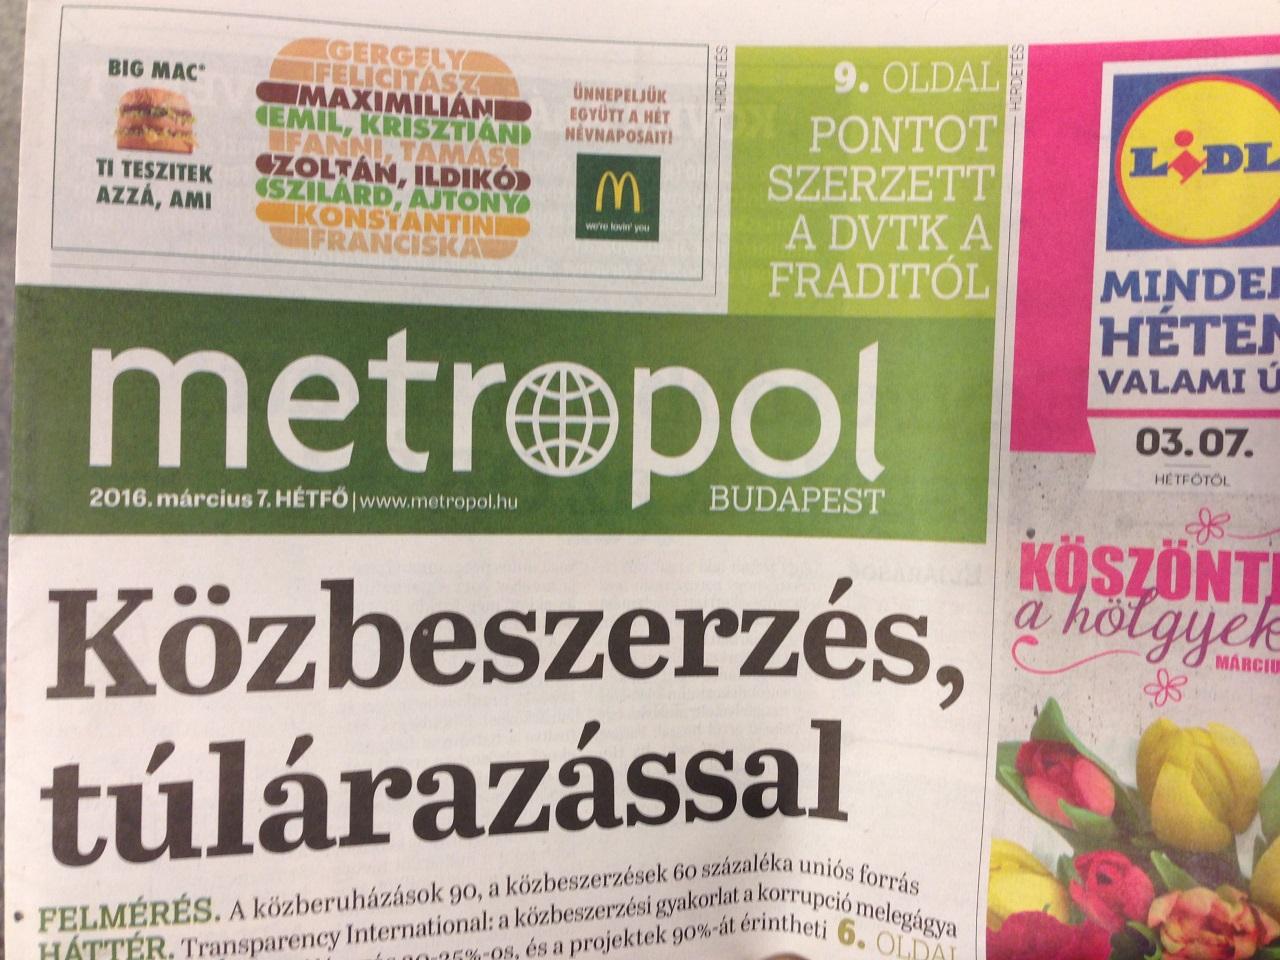 A BKV pályáztatásra hivatkozva kirúgta a Metropolt → pályázat nincs, jöhet a Lokál